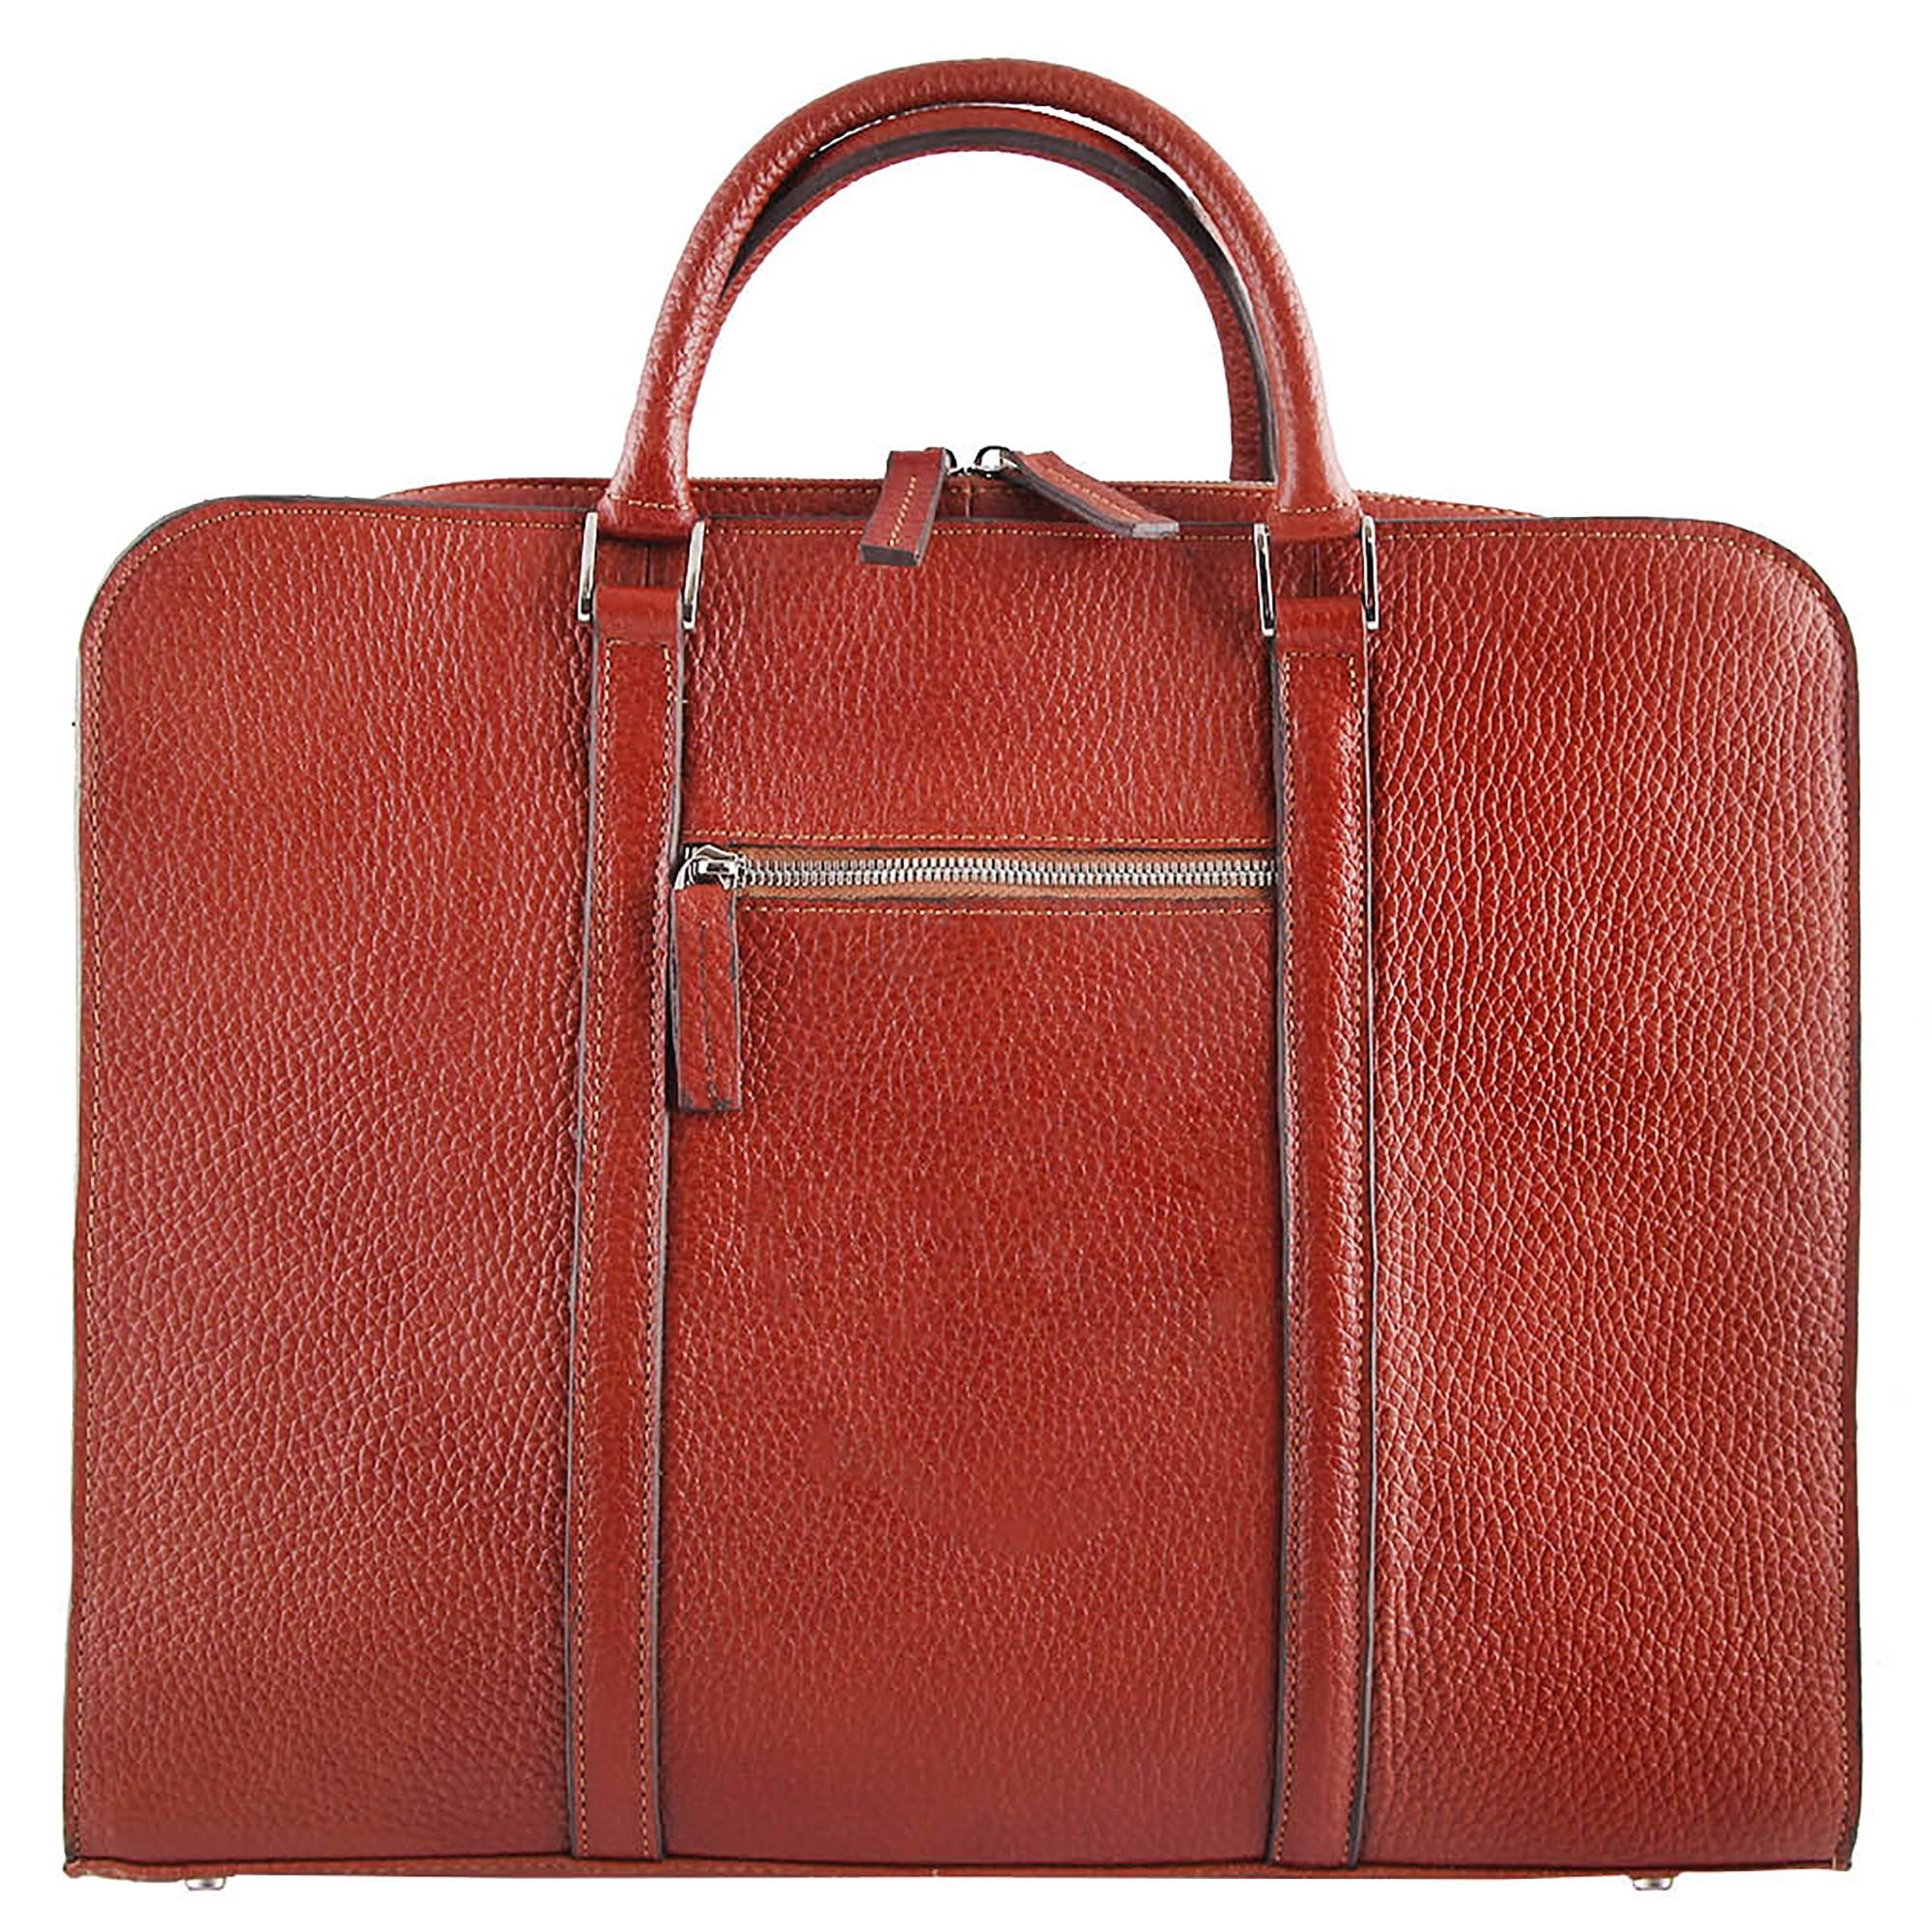 قیمت کیف دستی مردانه چرم گالری مثالین کد 24044